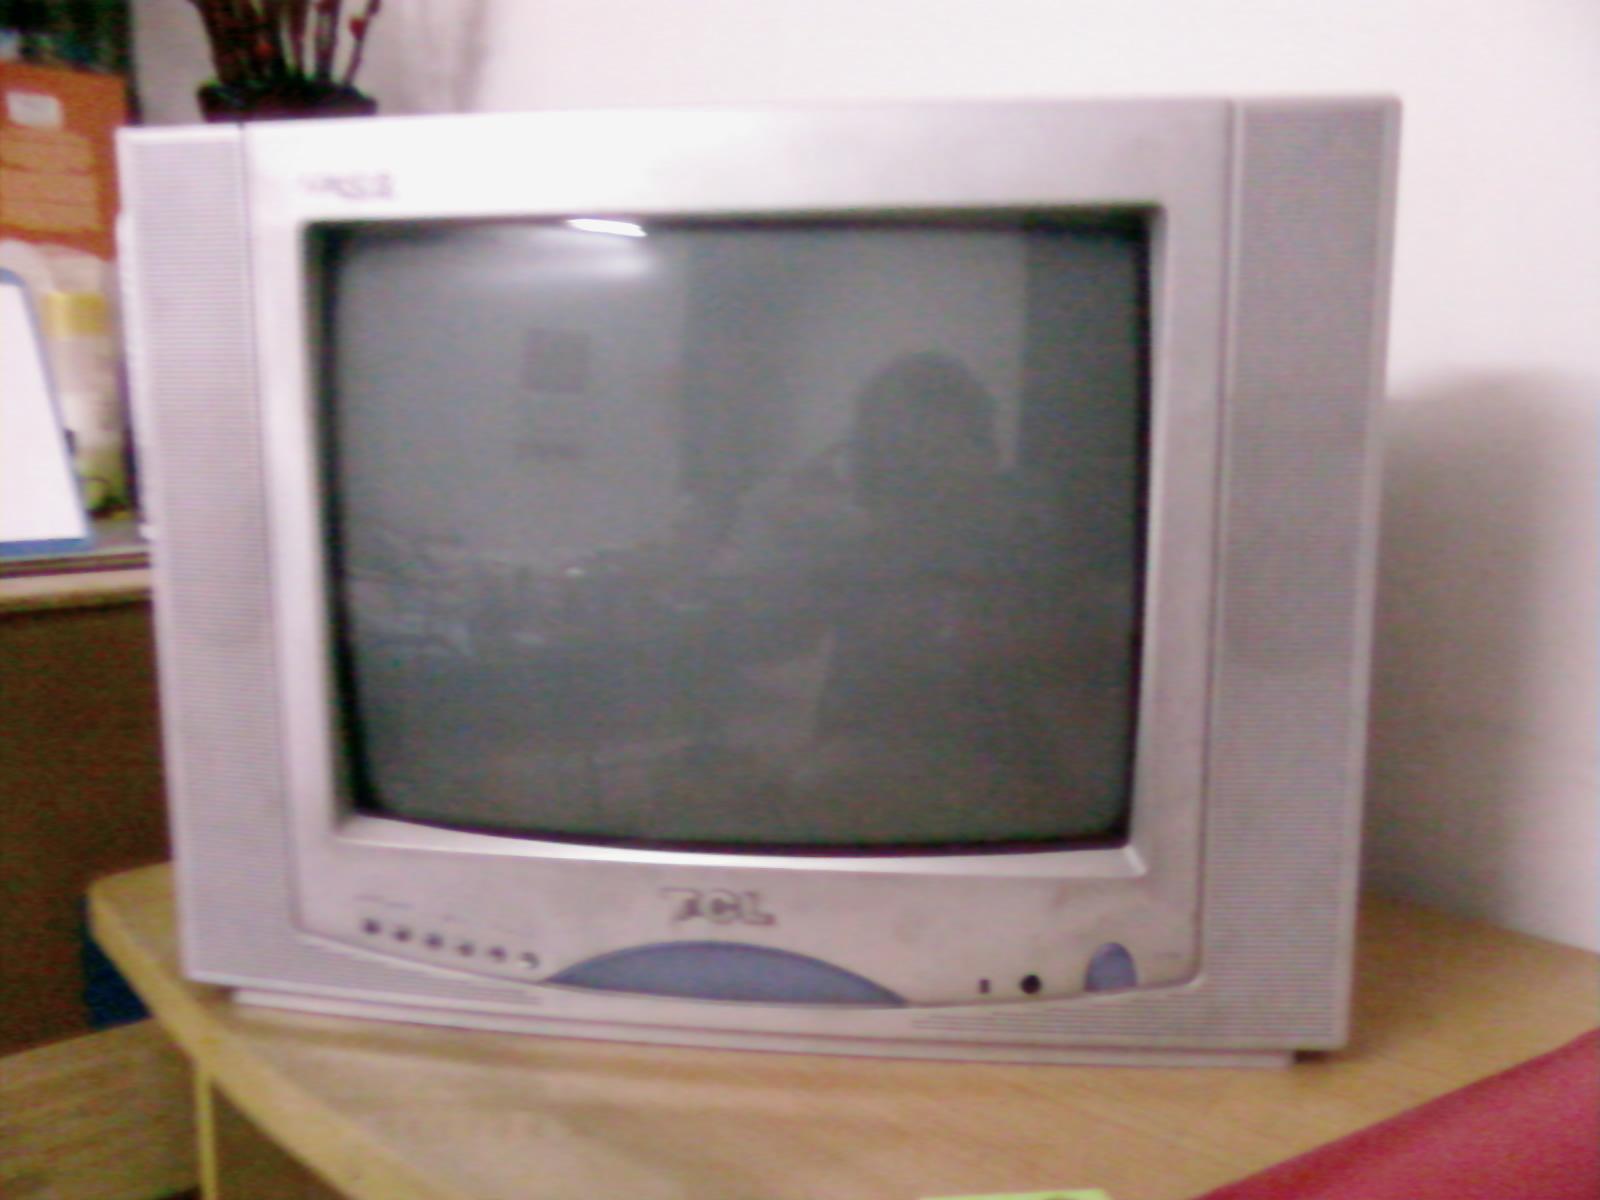 自用14寸tcl彩色電視機轉讓,發票齊全,¥100